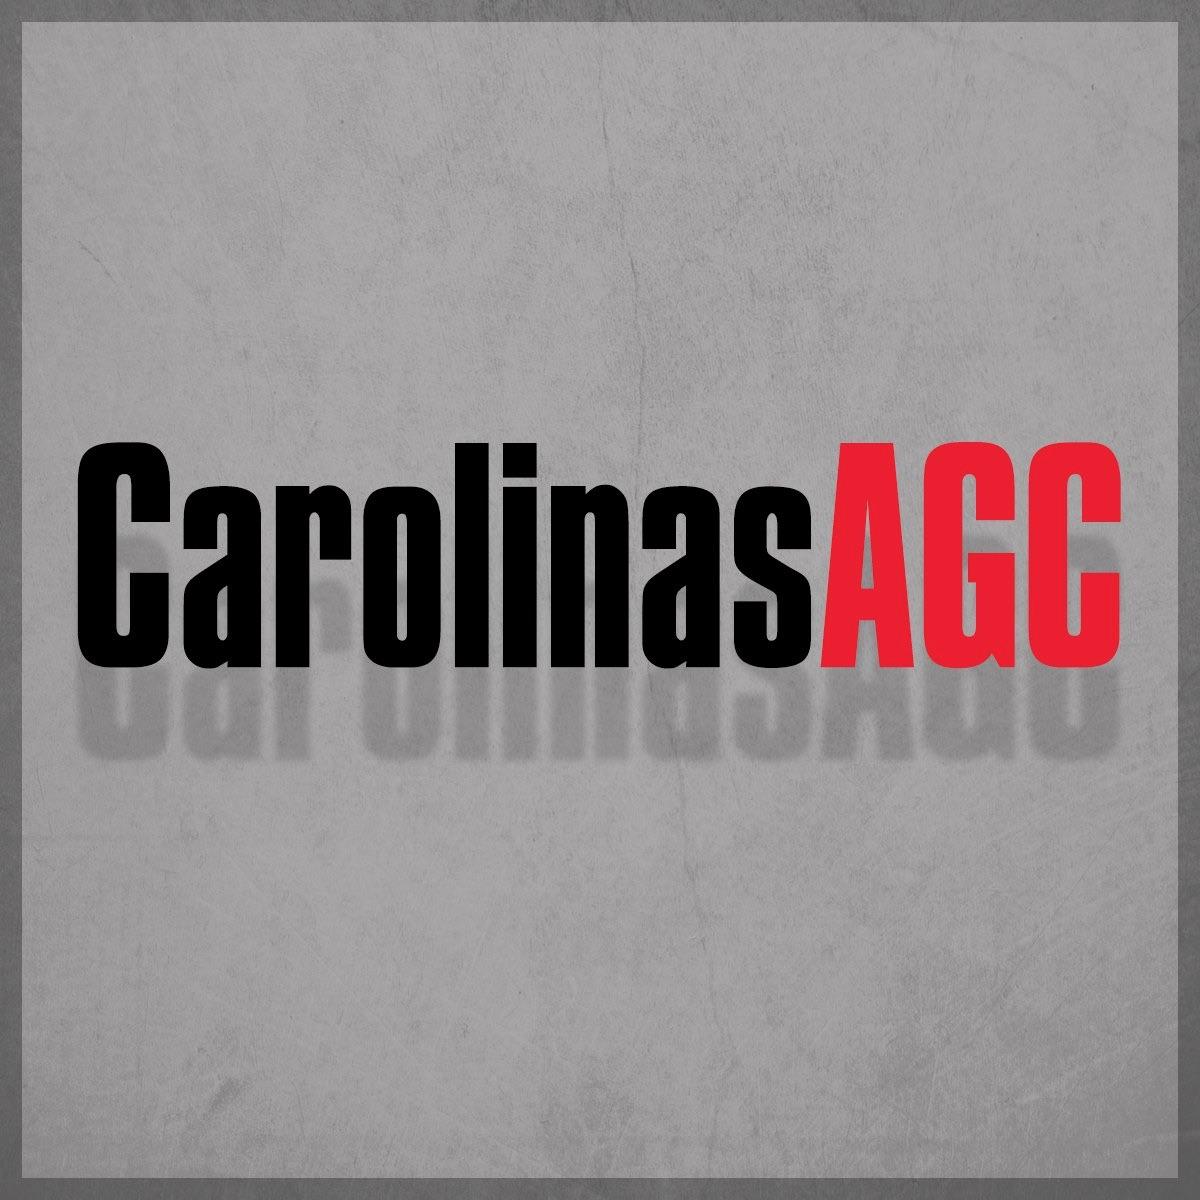 cagc square logo